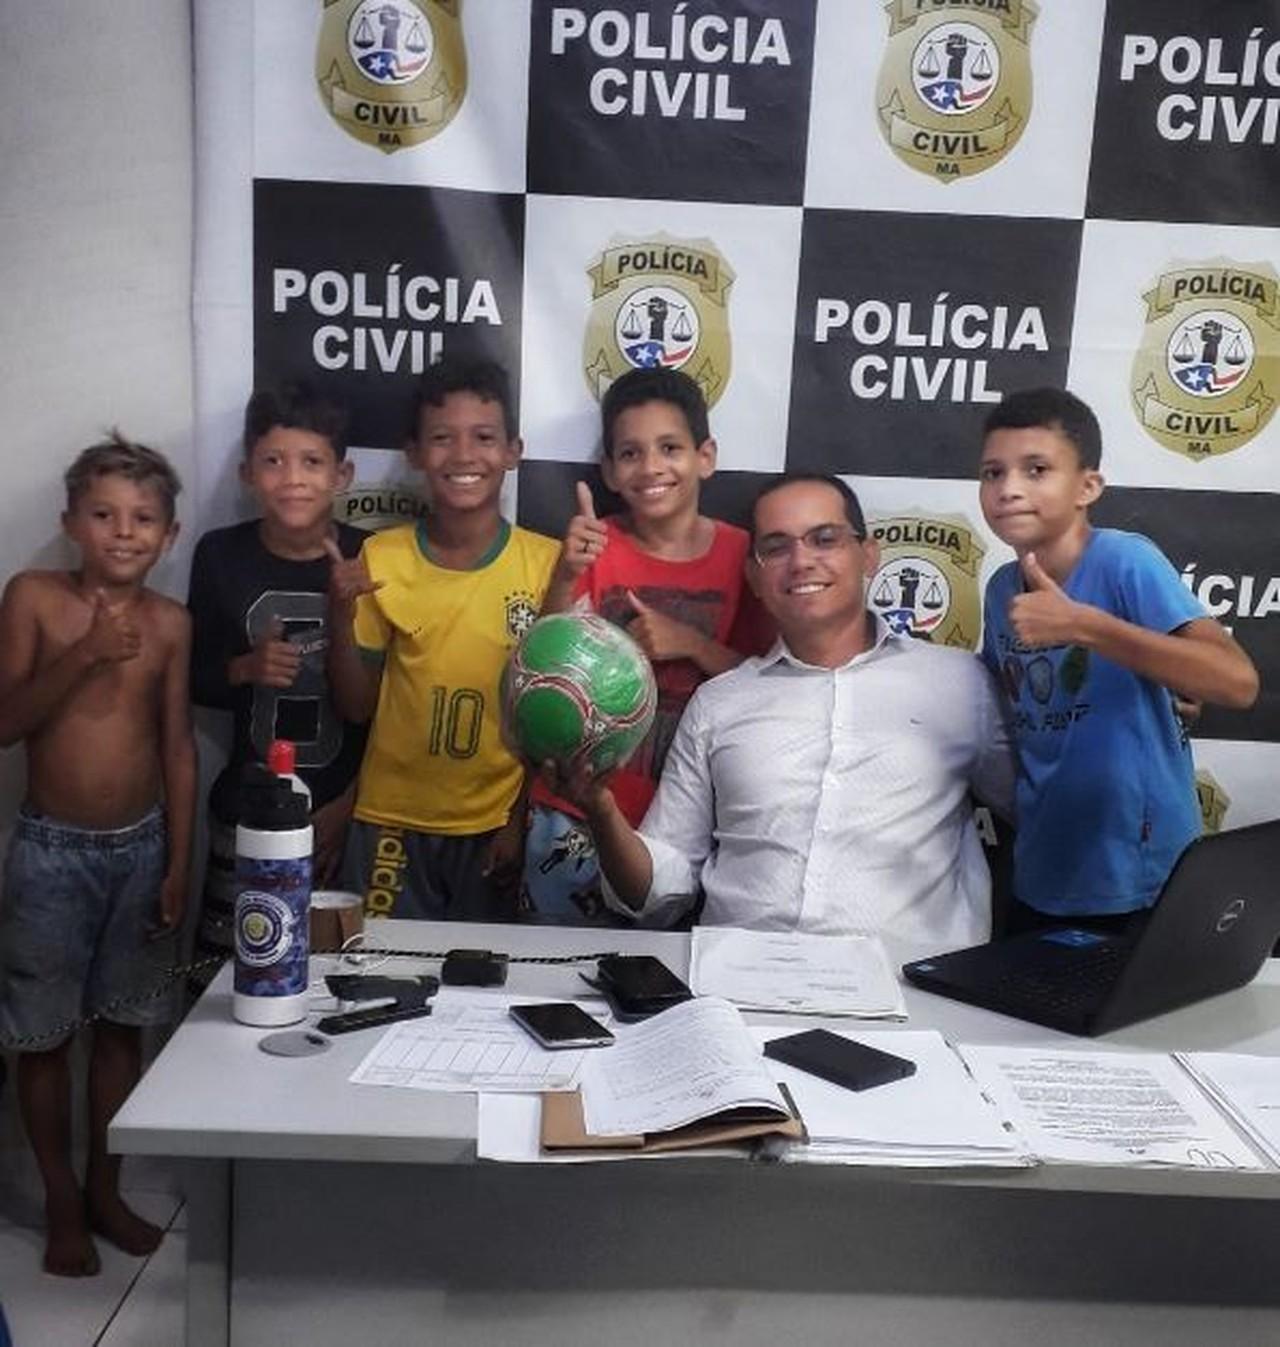 Delegado doa bola para crianças roubadas por vizinha